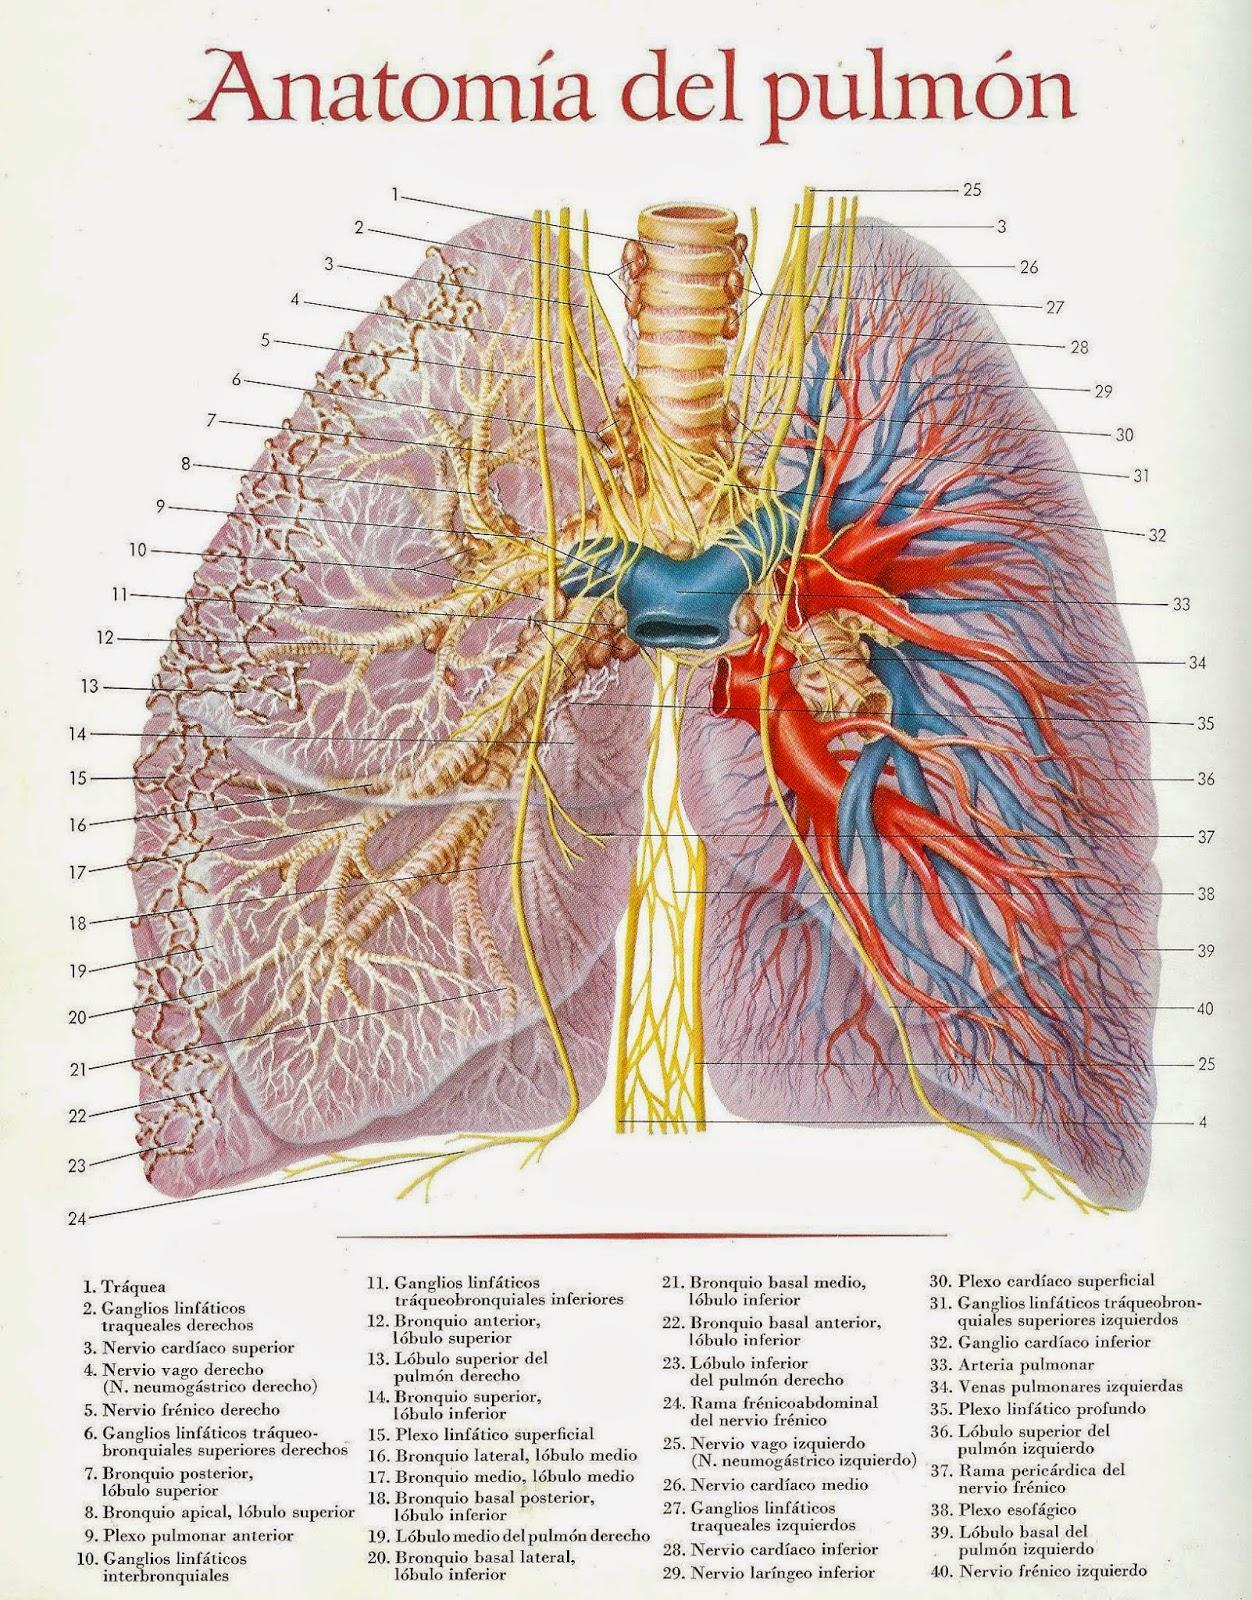 AIKA: ilustraciones de la anatomia de varios organos y tejidos